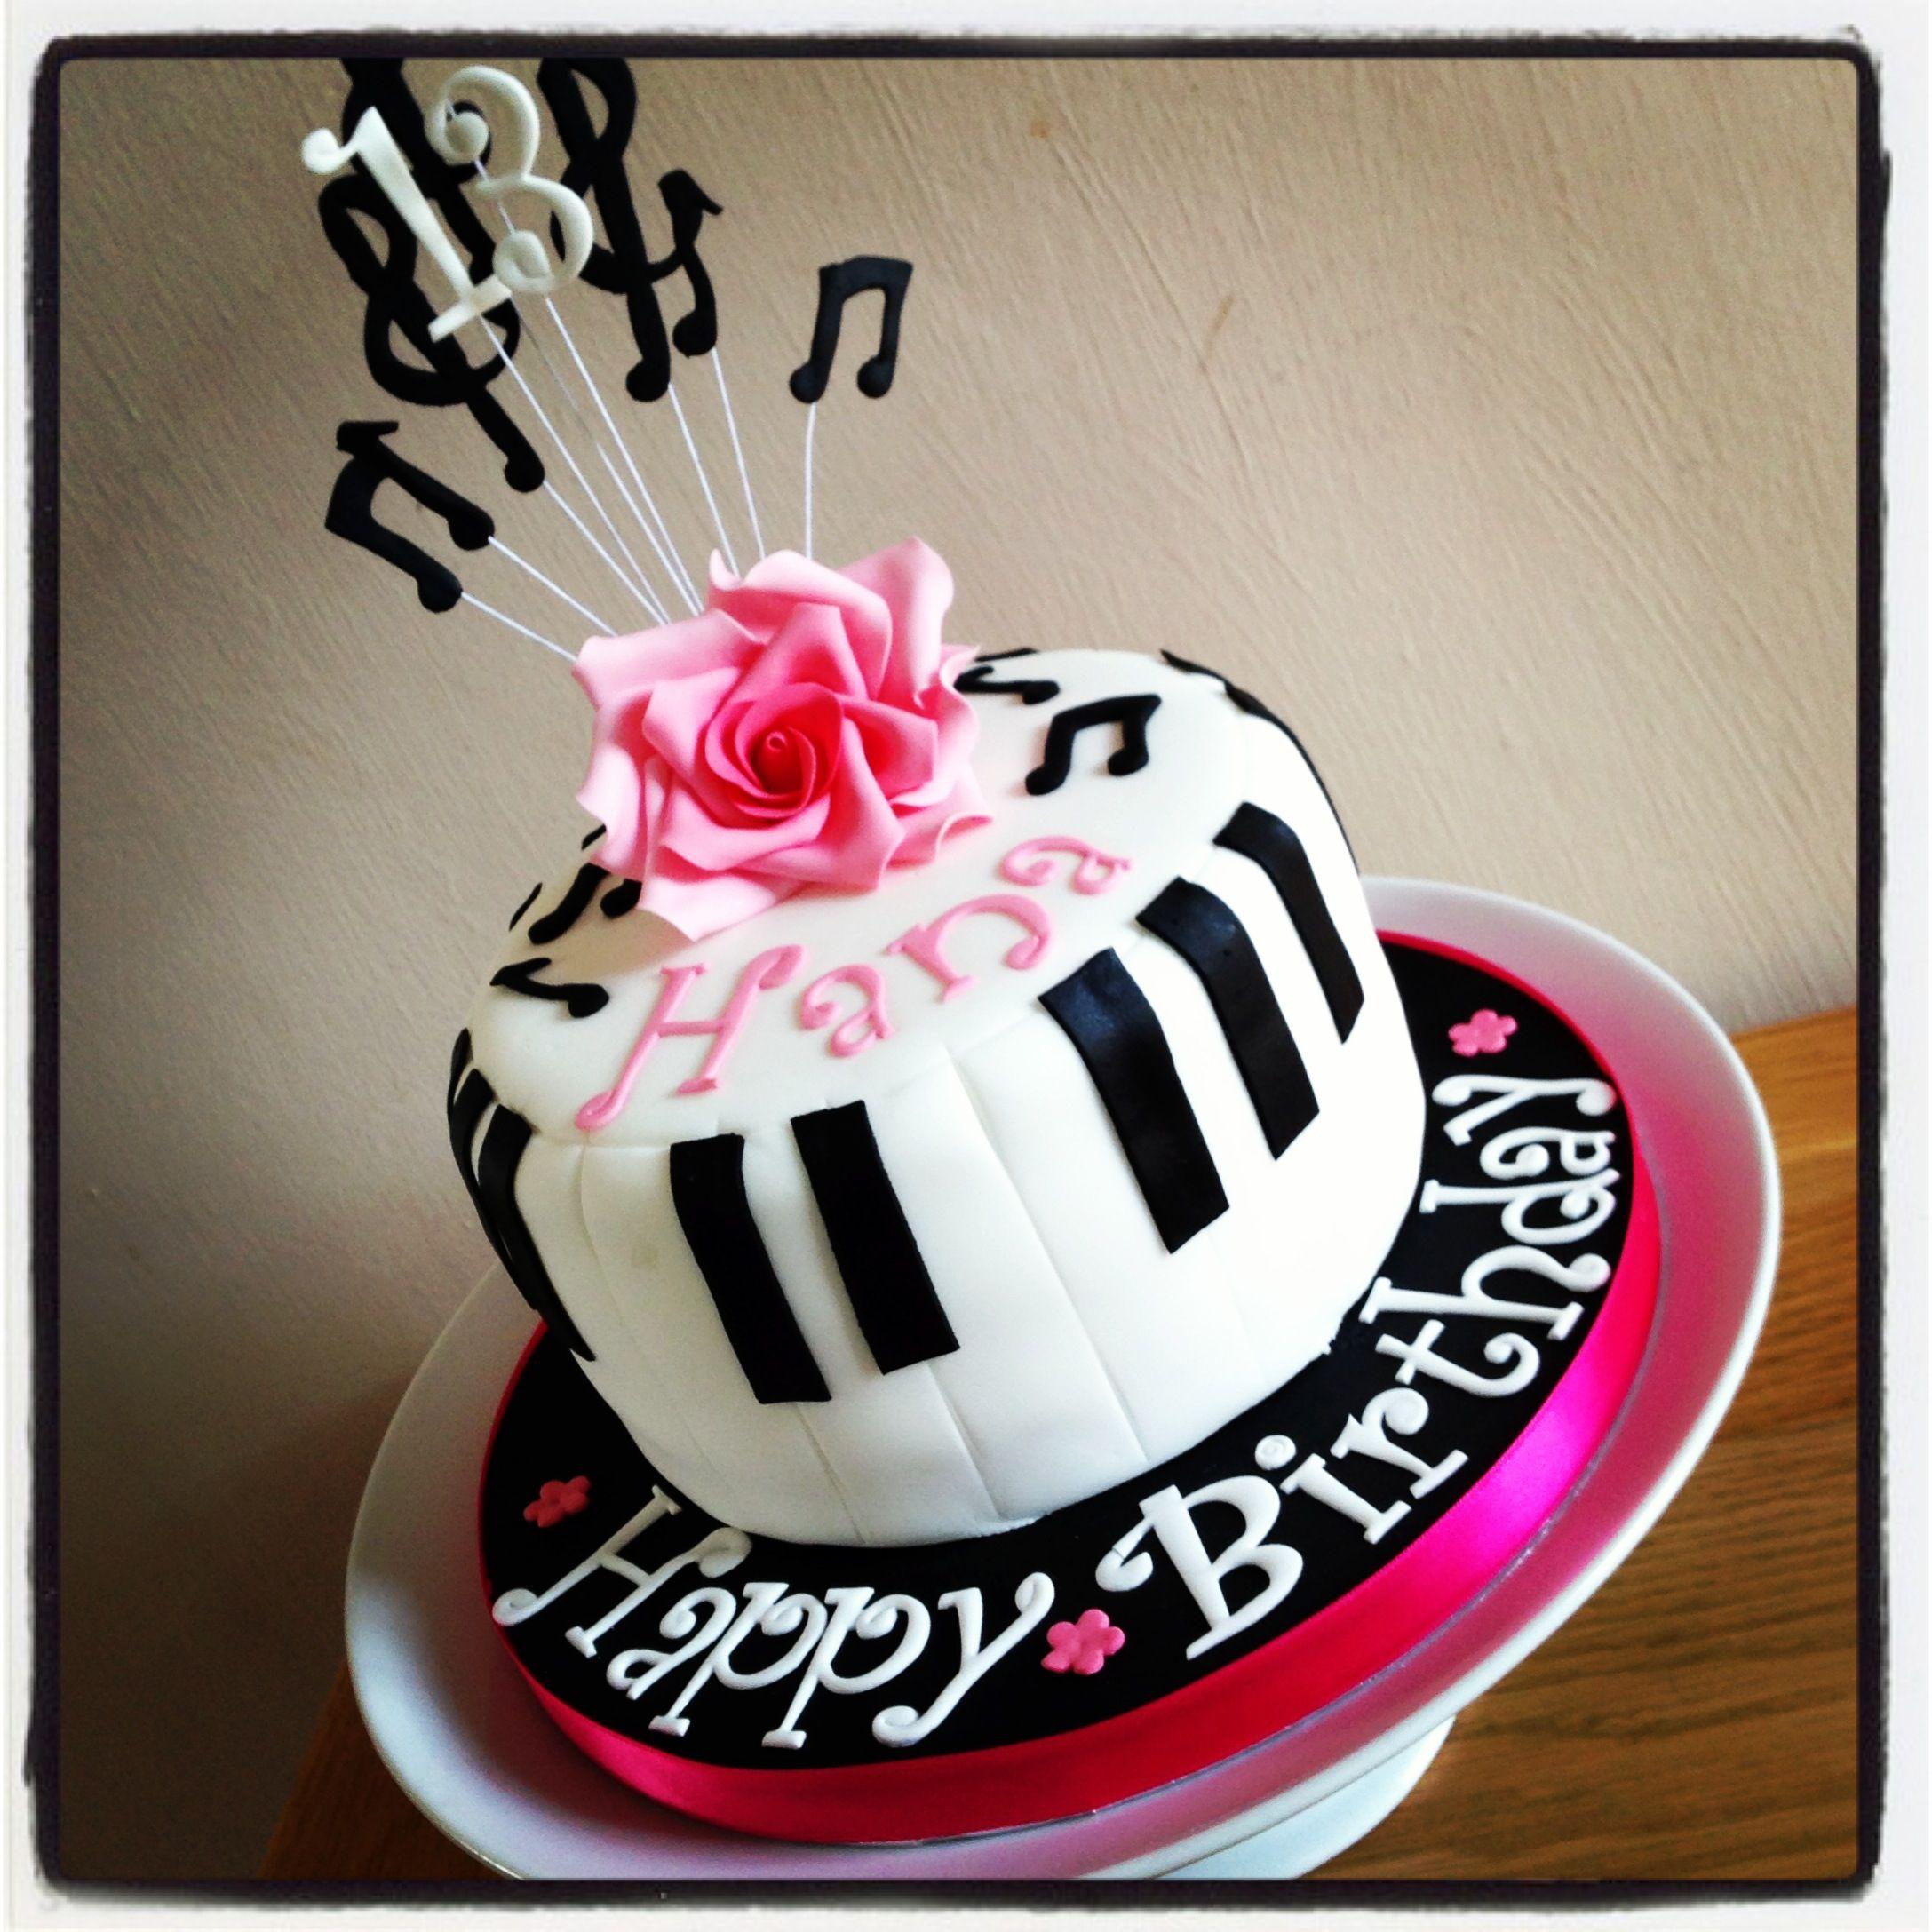 Piano Music Birthday Cake